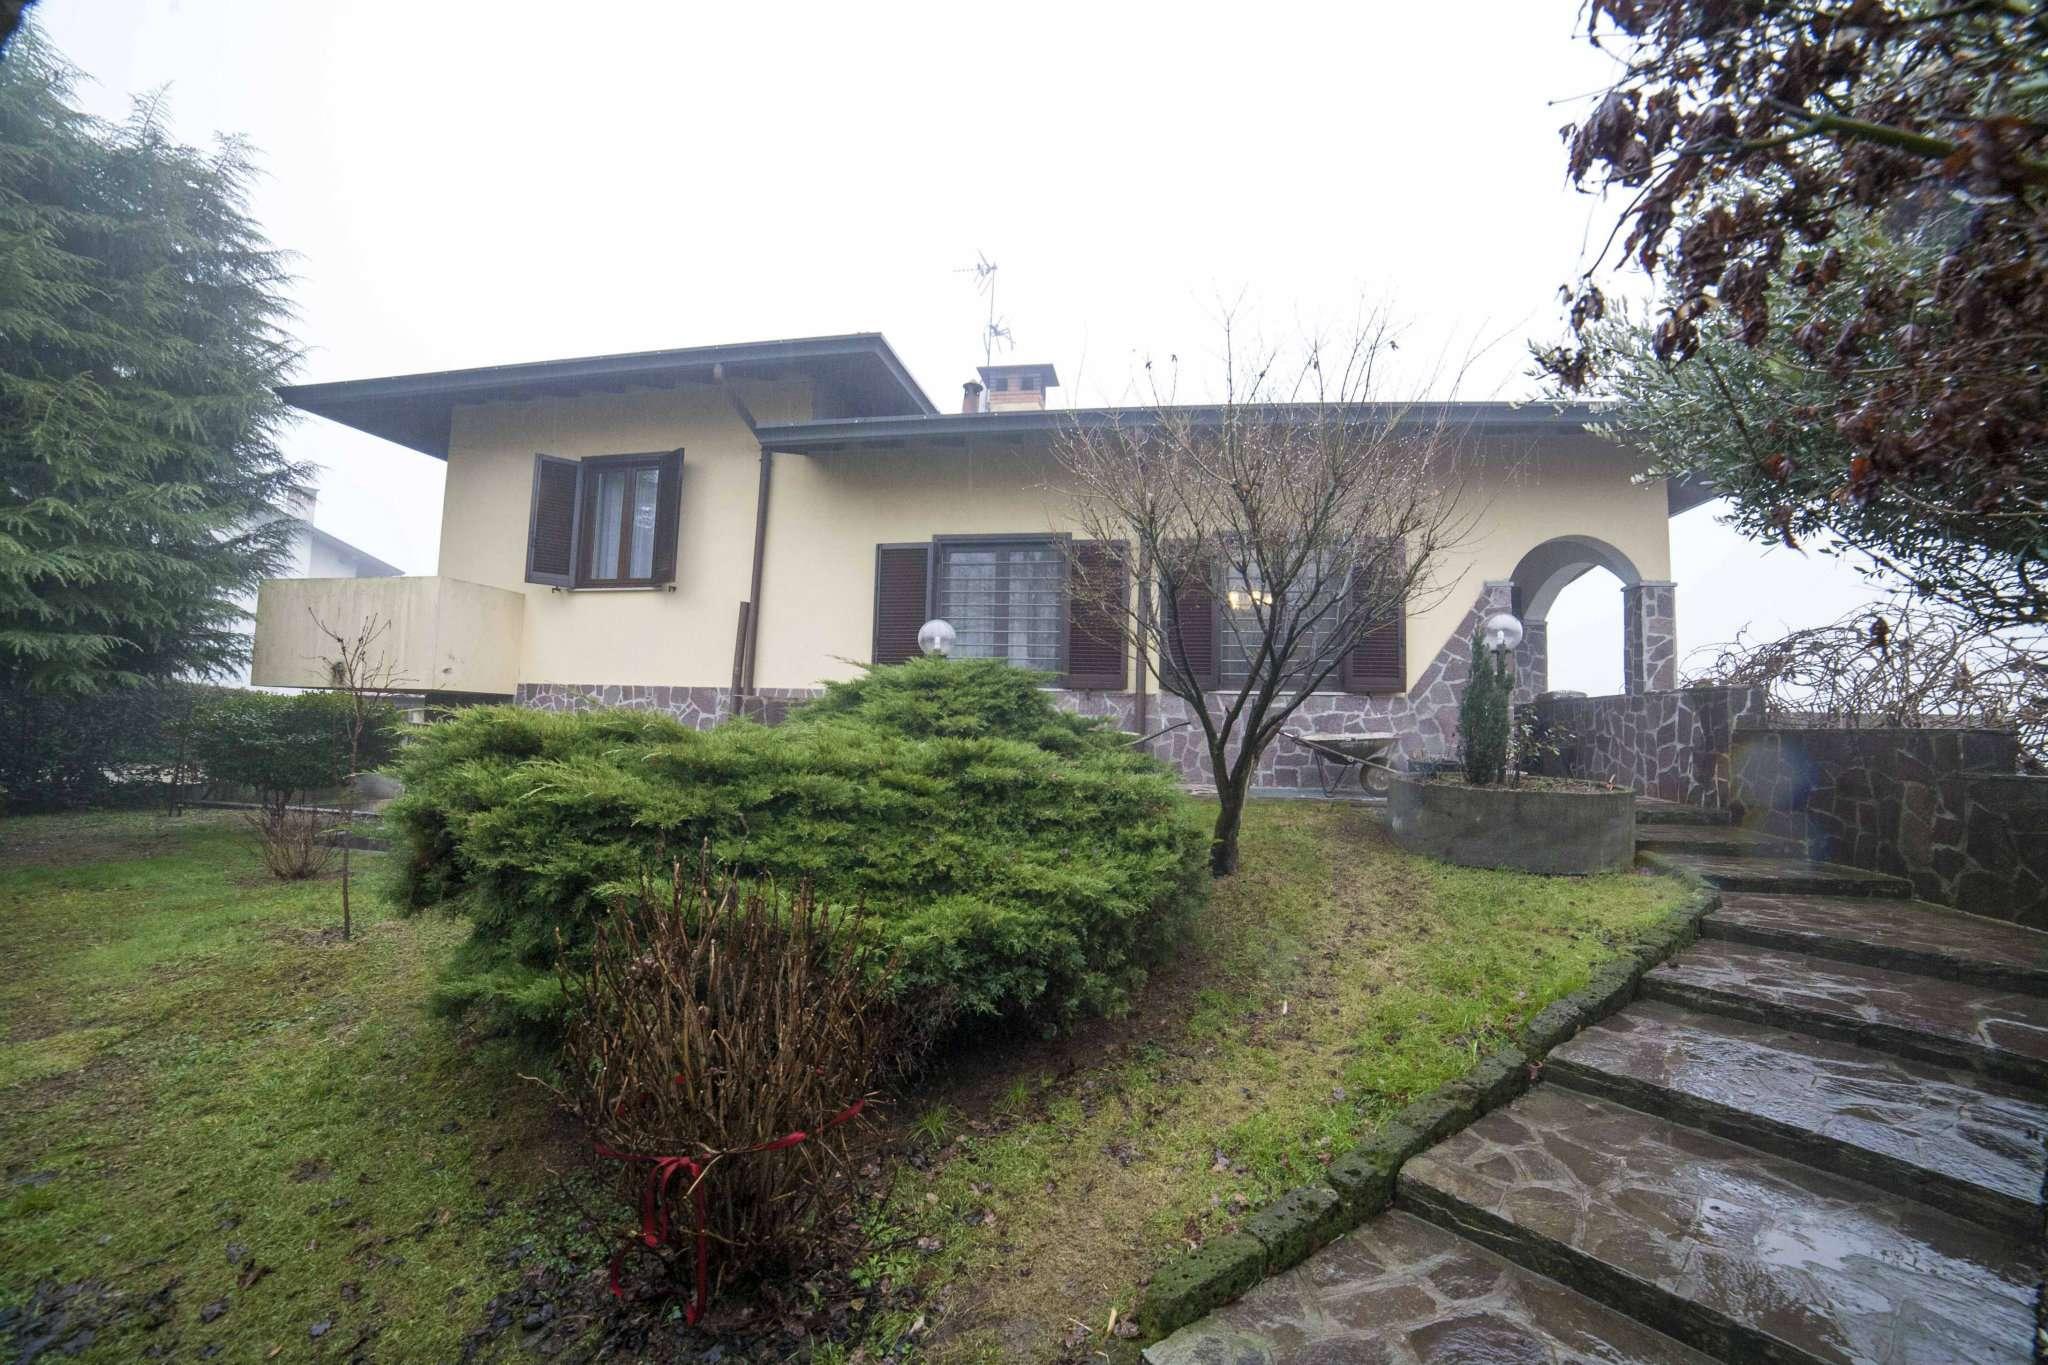 Villa in vendita a Arconate, 6 locali, prezzo € 390.000 | CambioCasa.it